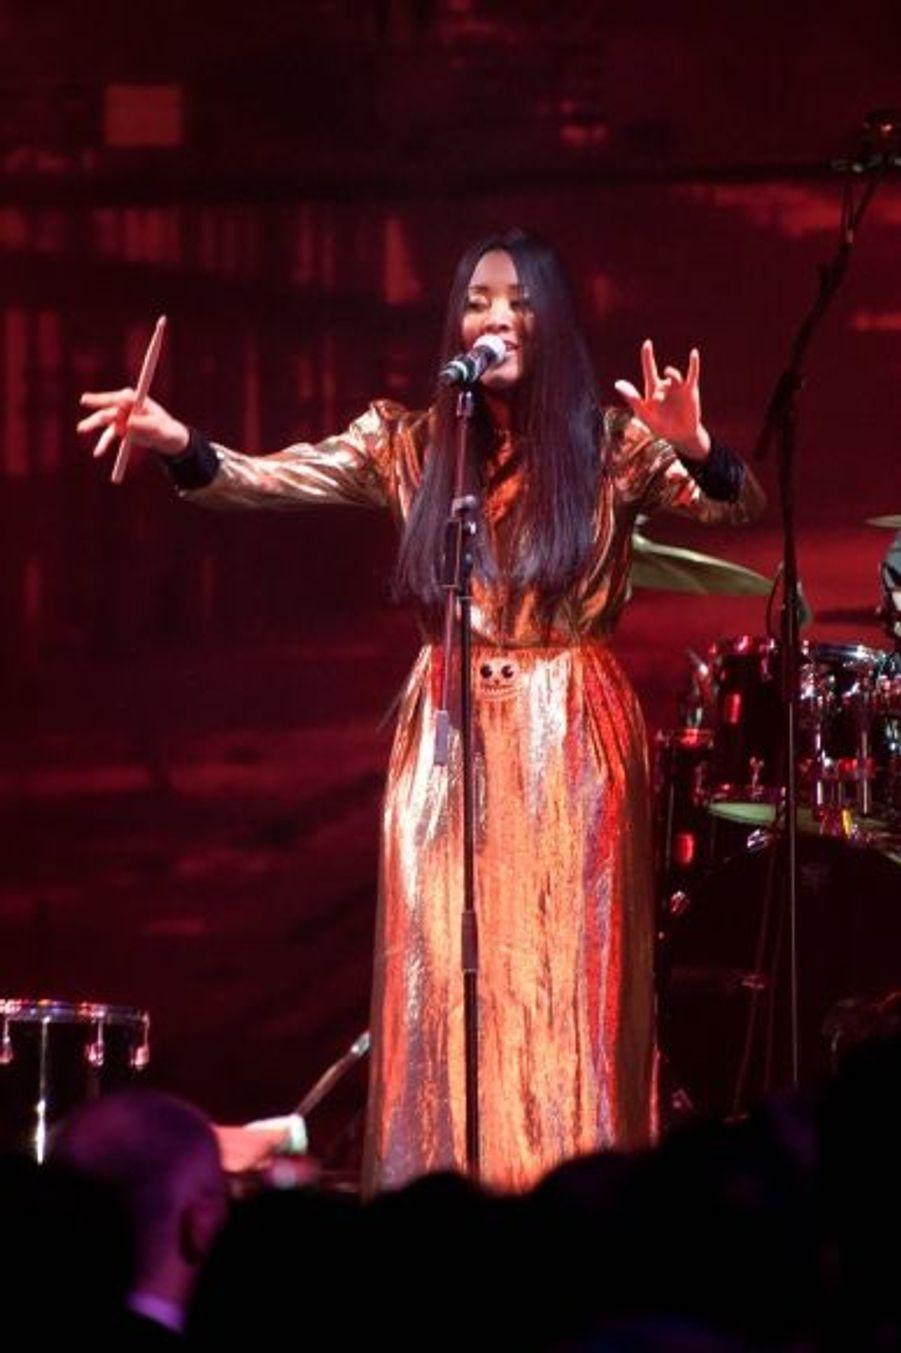 La chanteuse de Soul a honoré le Bal de la Rose de sa présence.